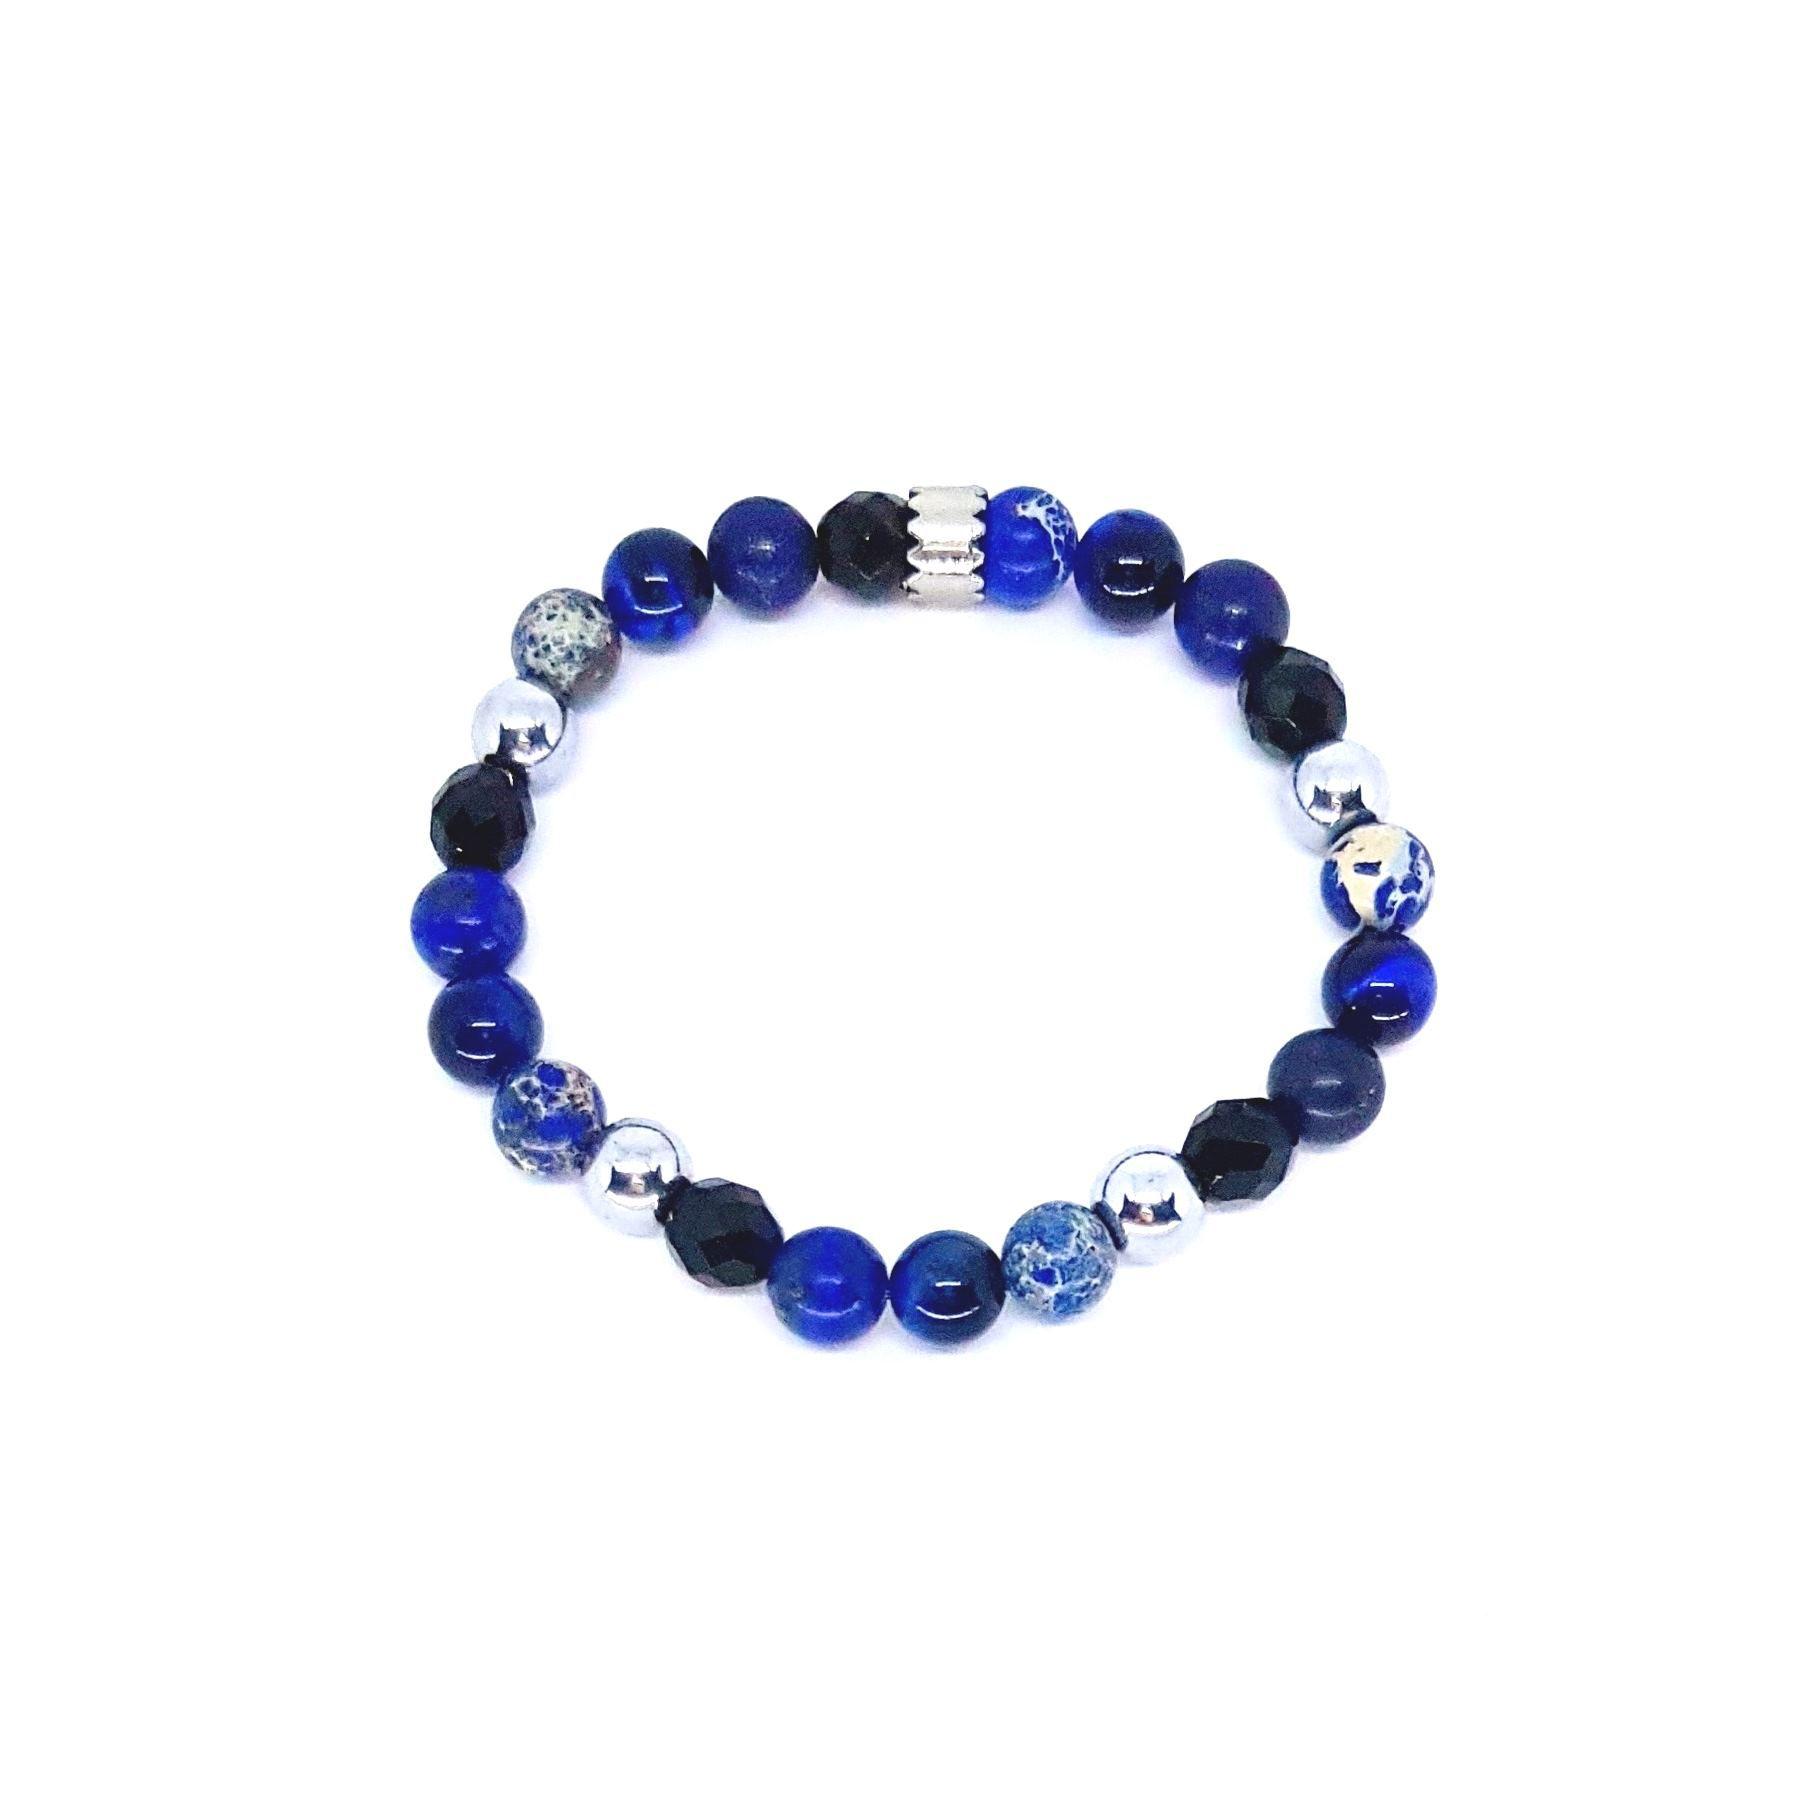 Pulseira de Pedra Mix Azul e Preto